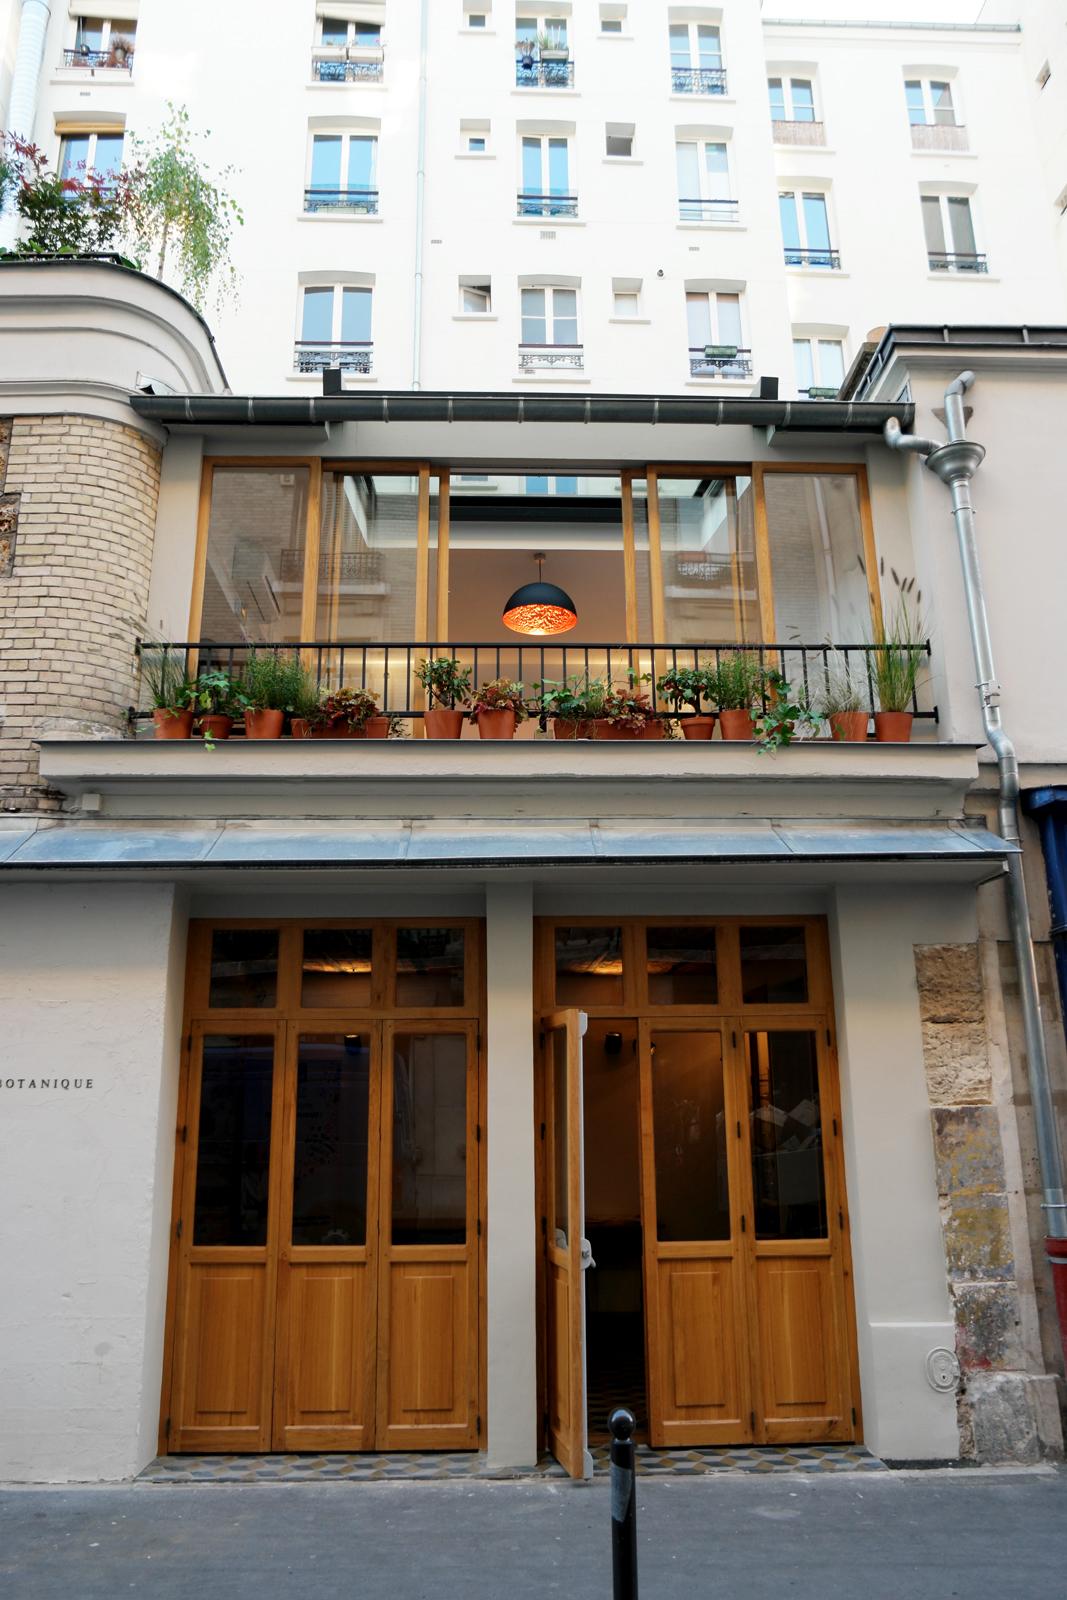 Botanique Restaurant Nouvelle Adresse Food DOberkampf - Rue de la cuisine avis